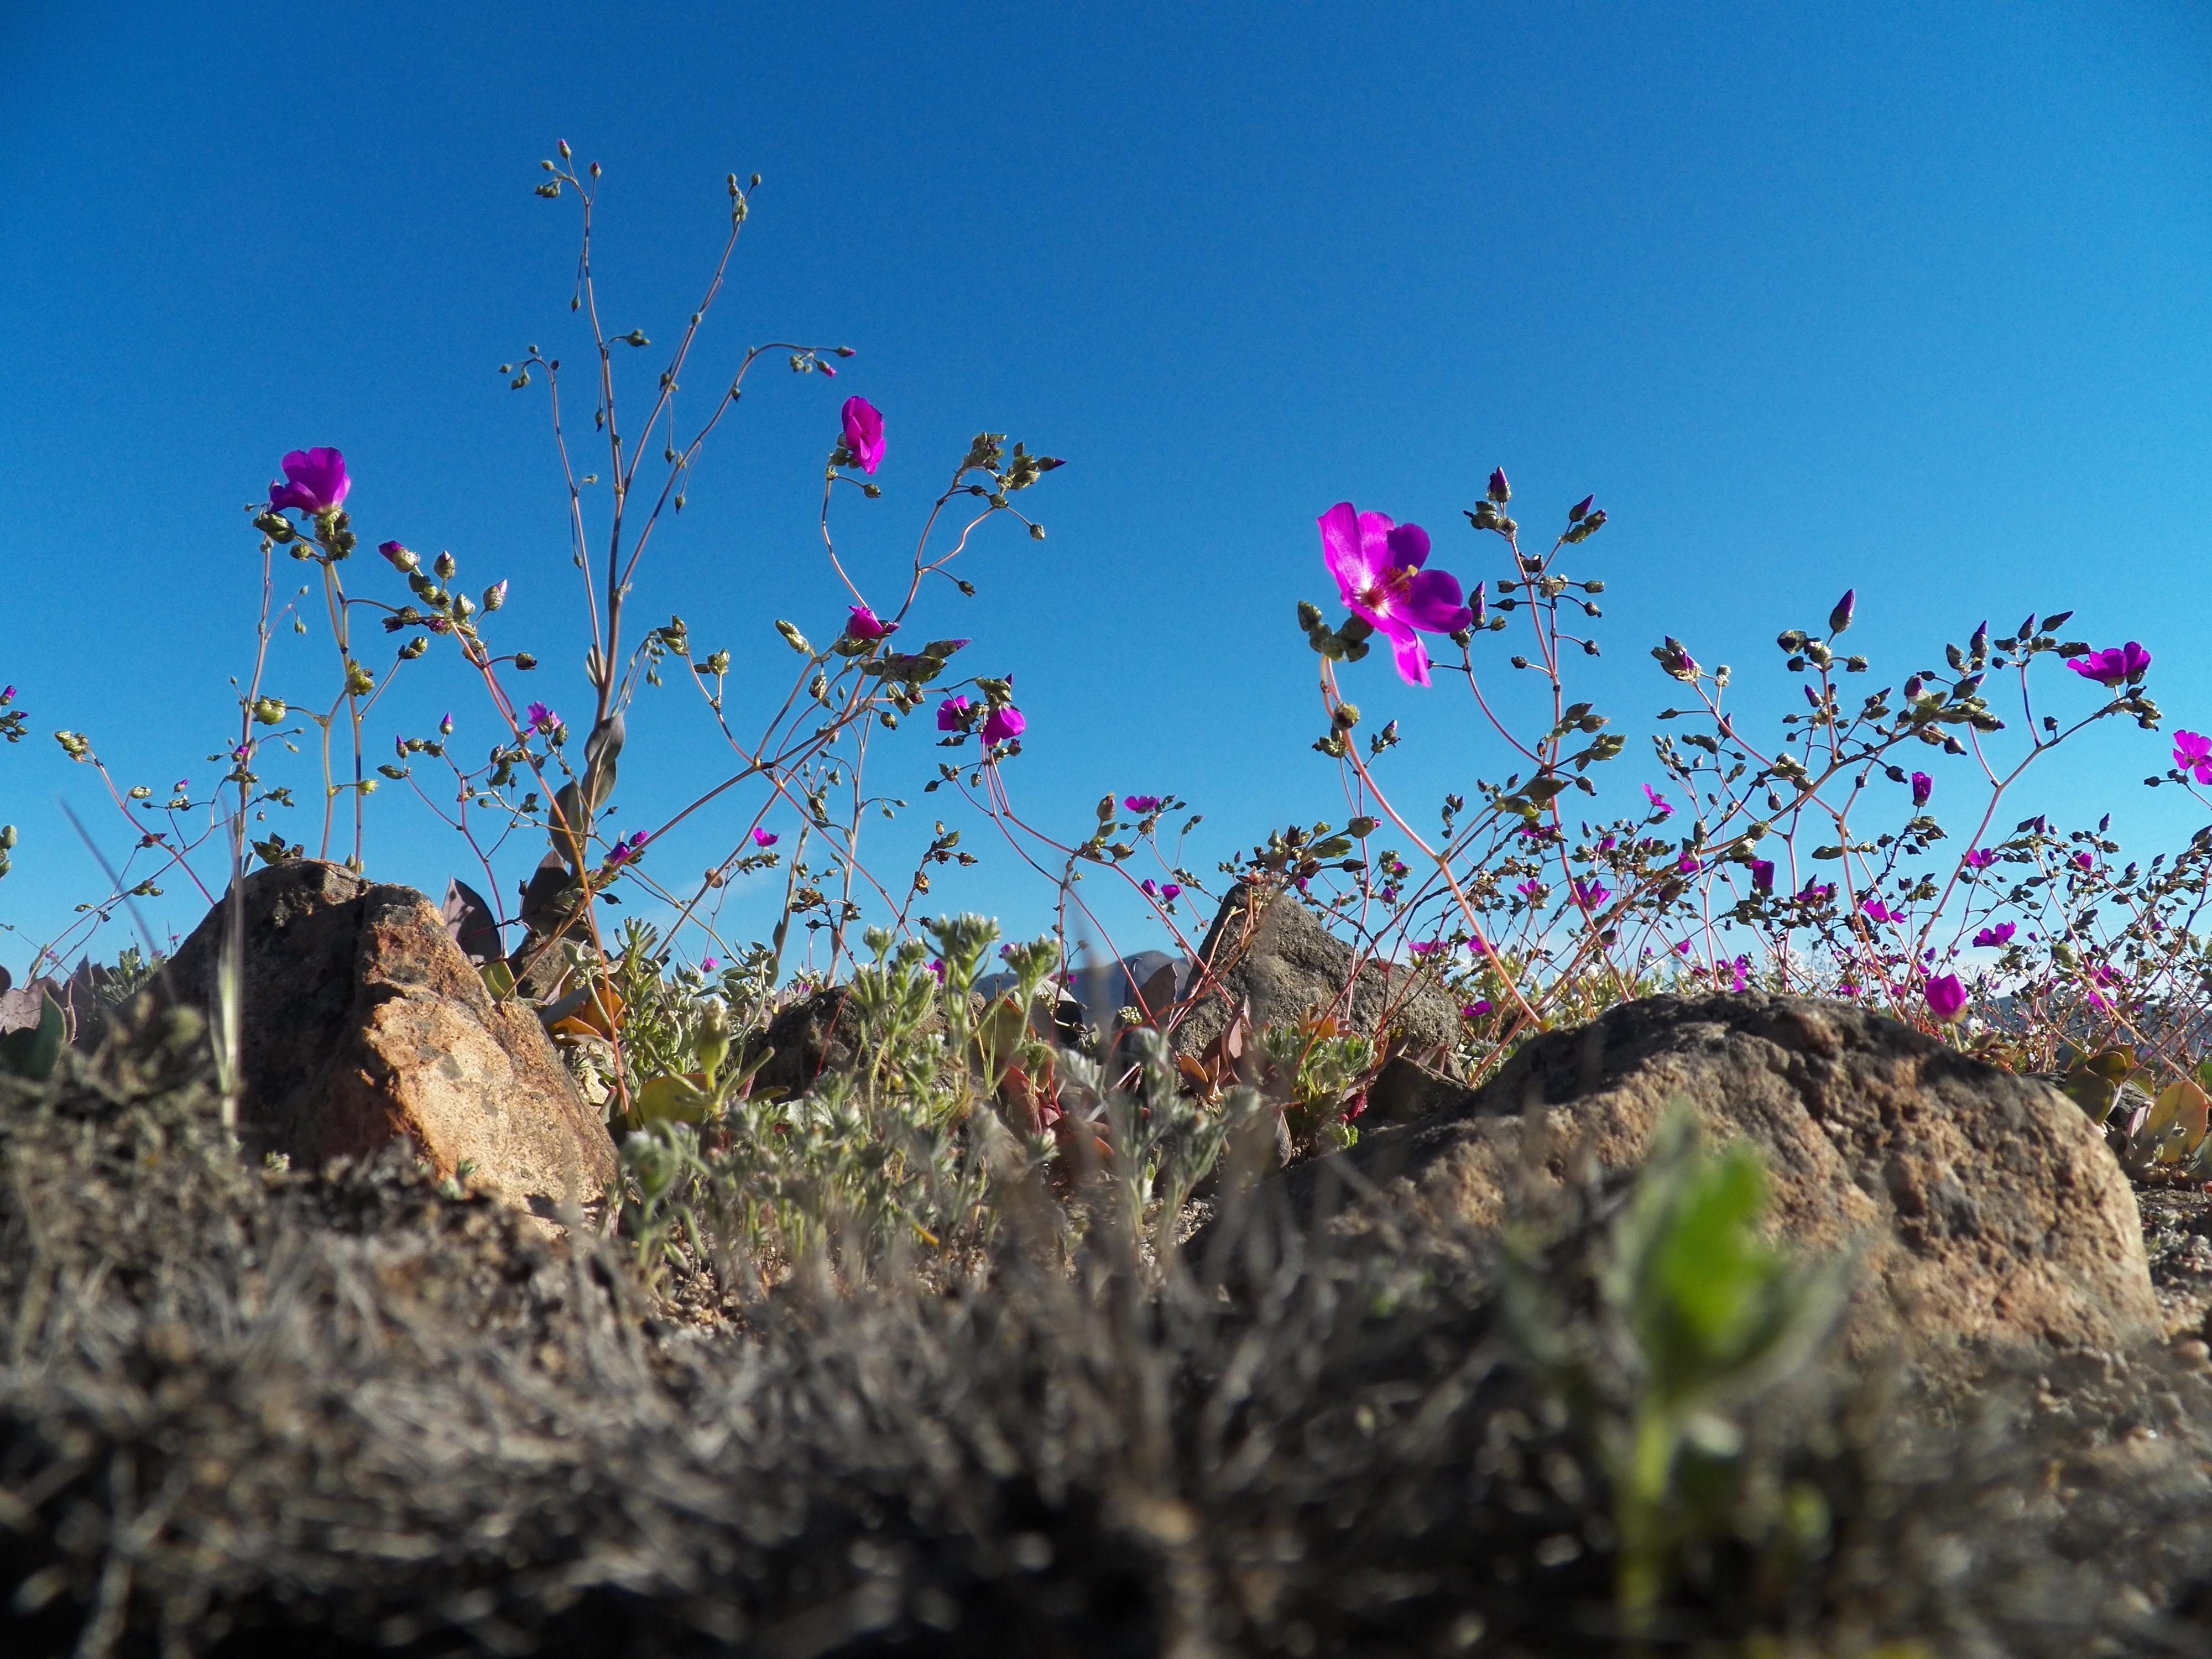 Escasas precipitaciones hacen inviable fenómeno del desierto florido este año